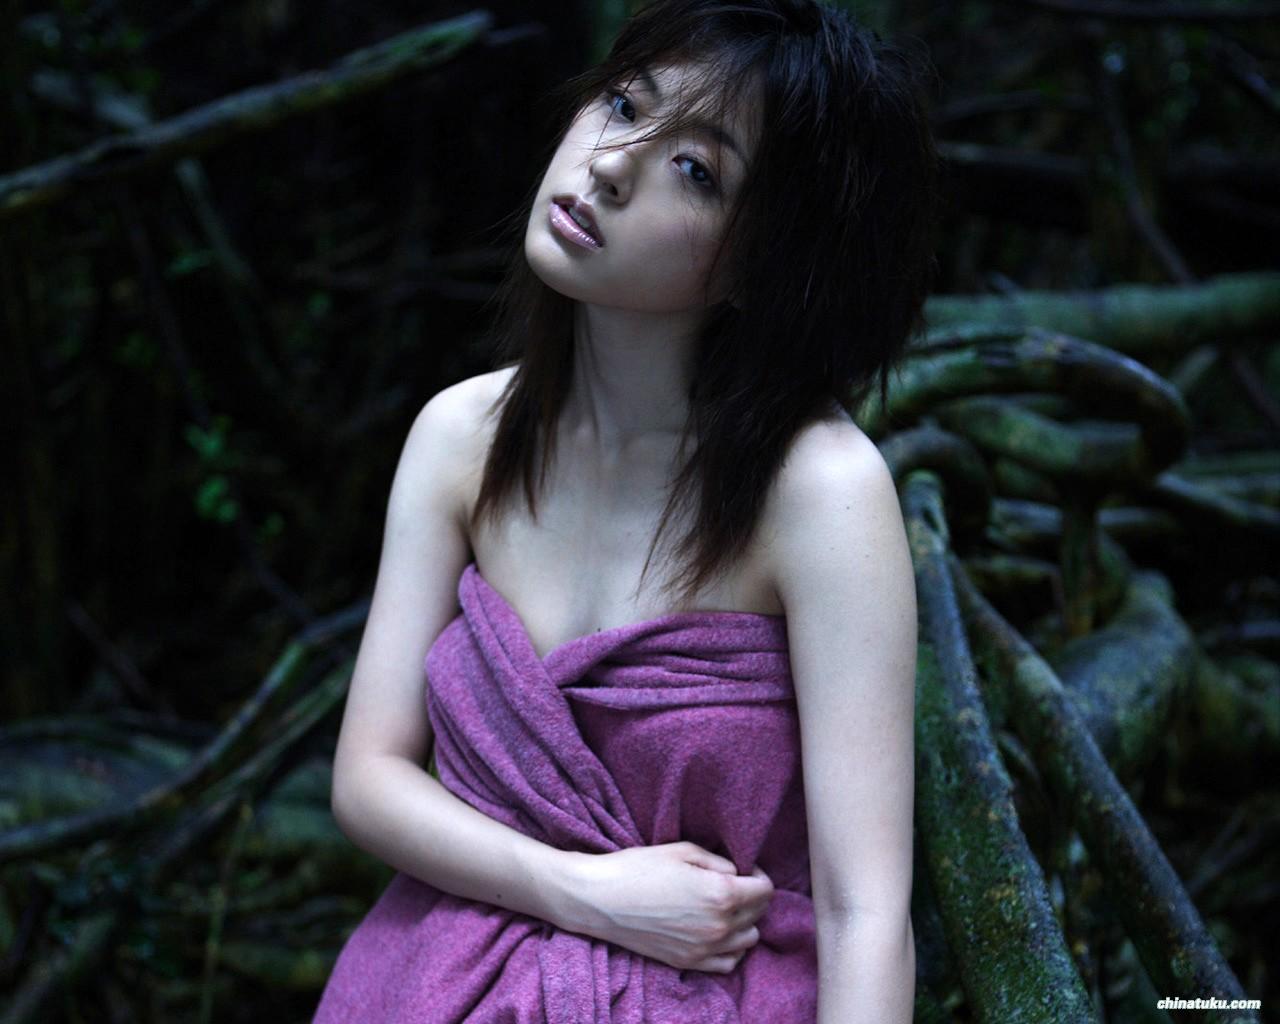 Kinoshita-Ayumi - Click here to view Full Image